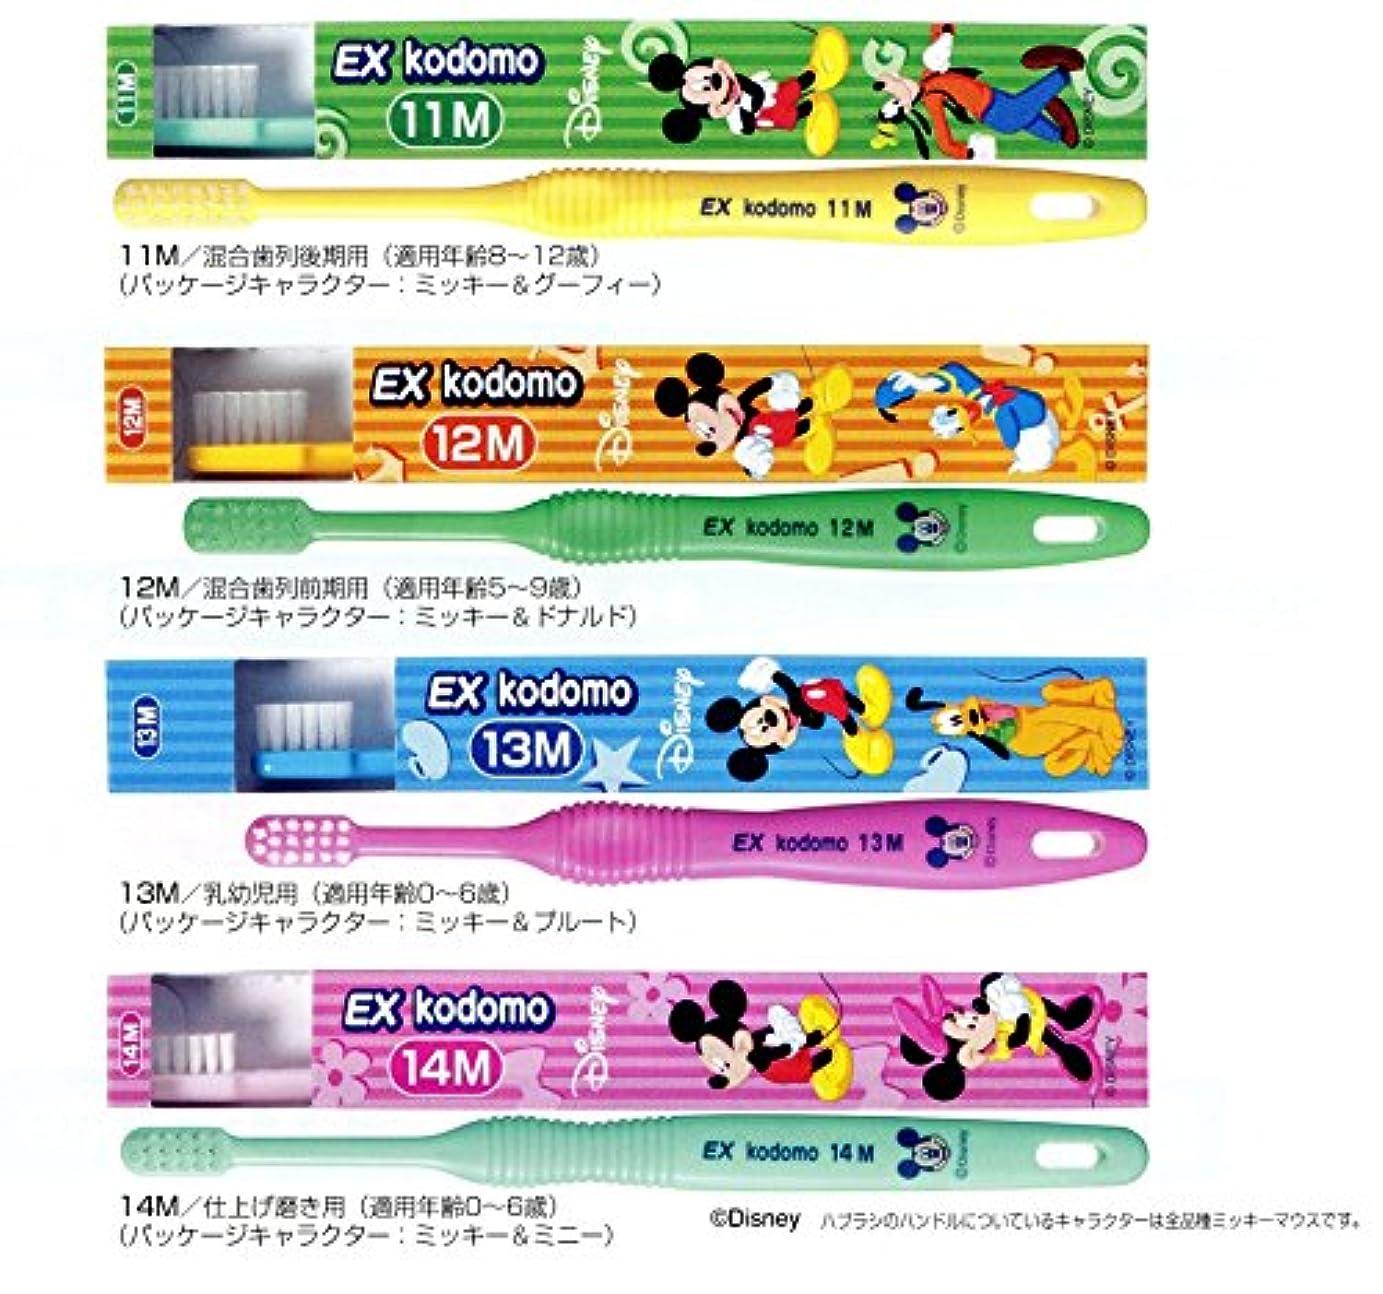 確立宣教師バッテリーライオン コドモ ディズニー DENT.EX kodomo Disney 1本 12M ピンク (5?9歳)